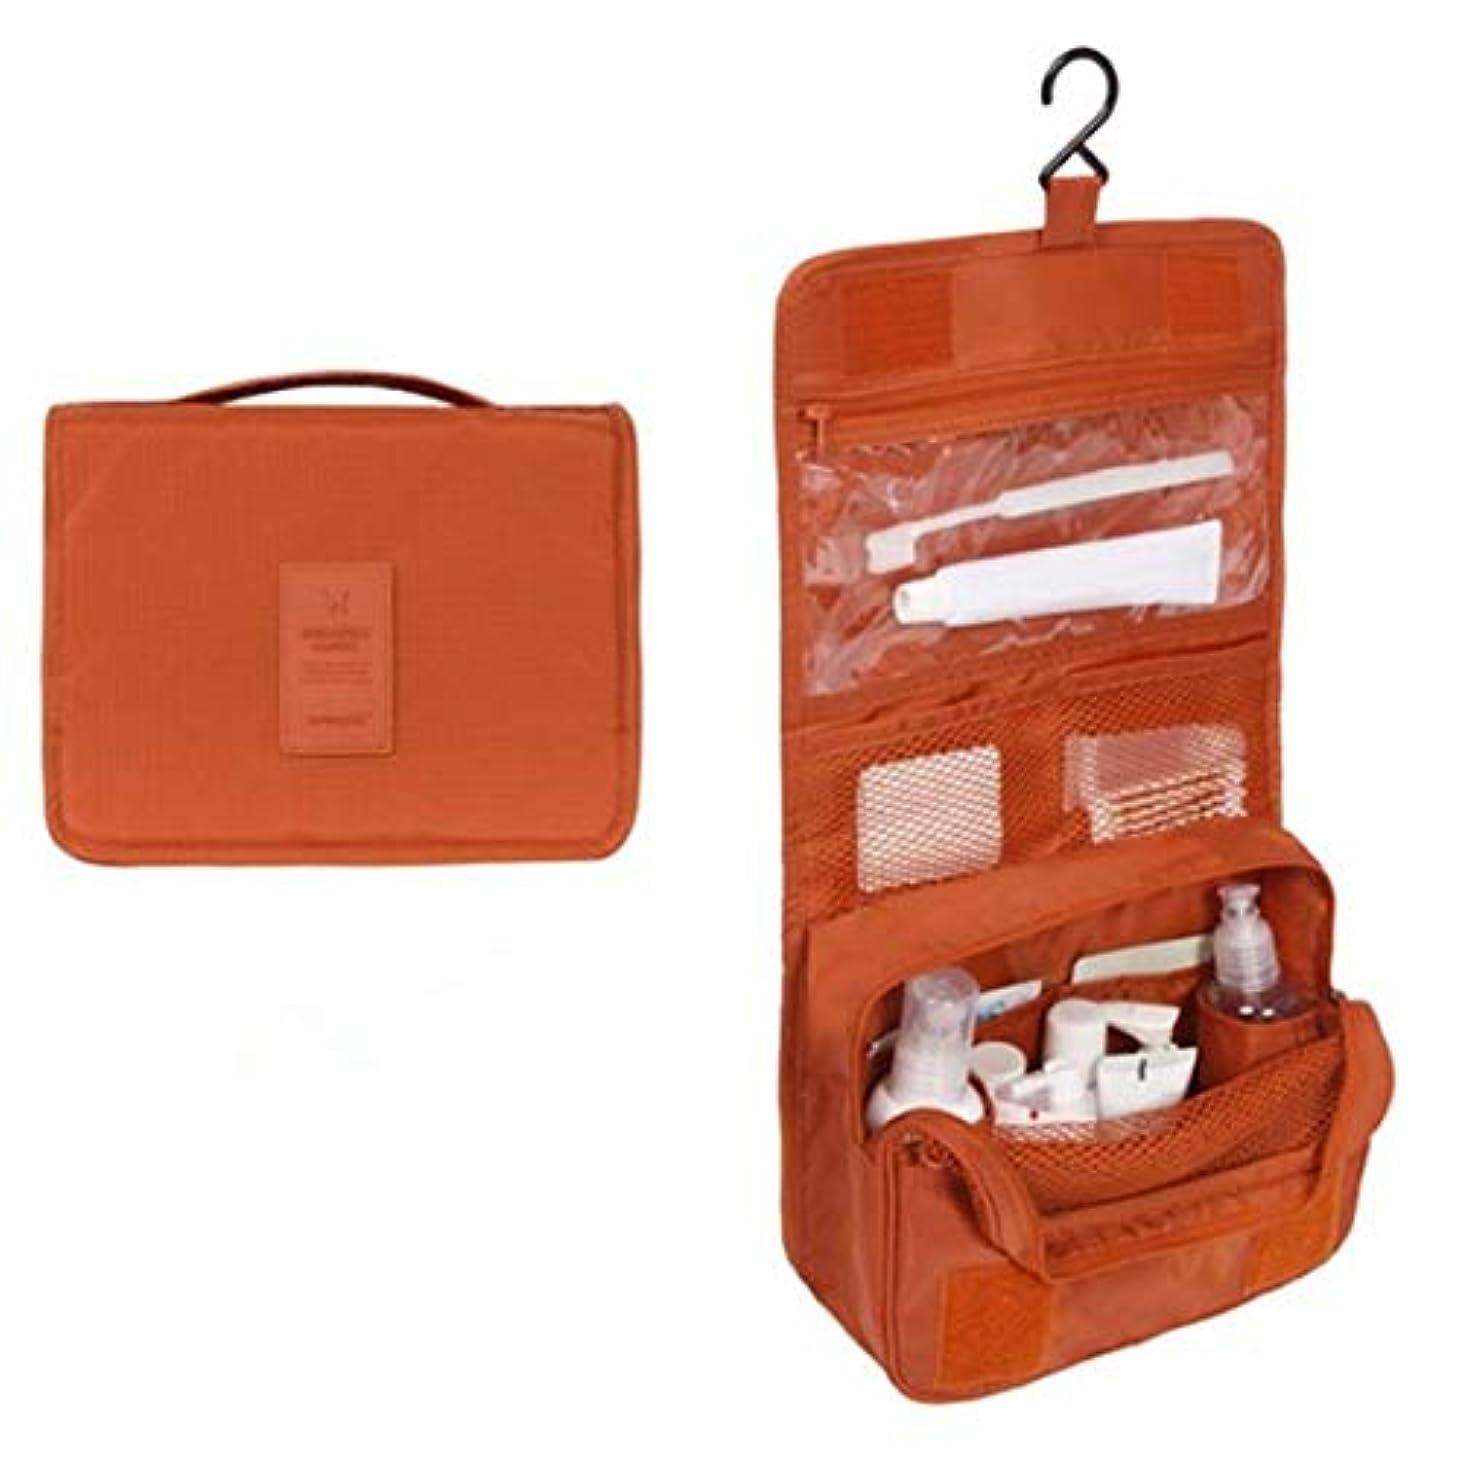 宿題をする慣れる環境に優しいYoshilimen 防水ベジタリアンメイクアップトートバッグ化粧品バッグ(None Picture Color)